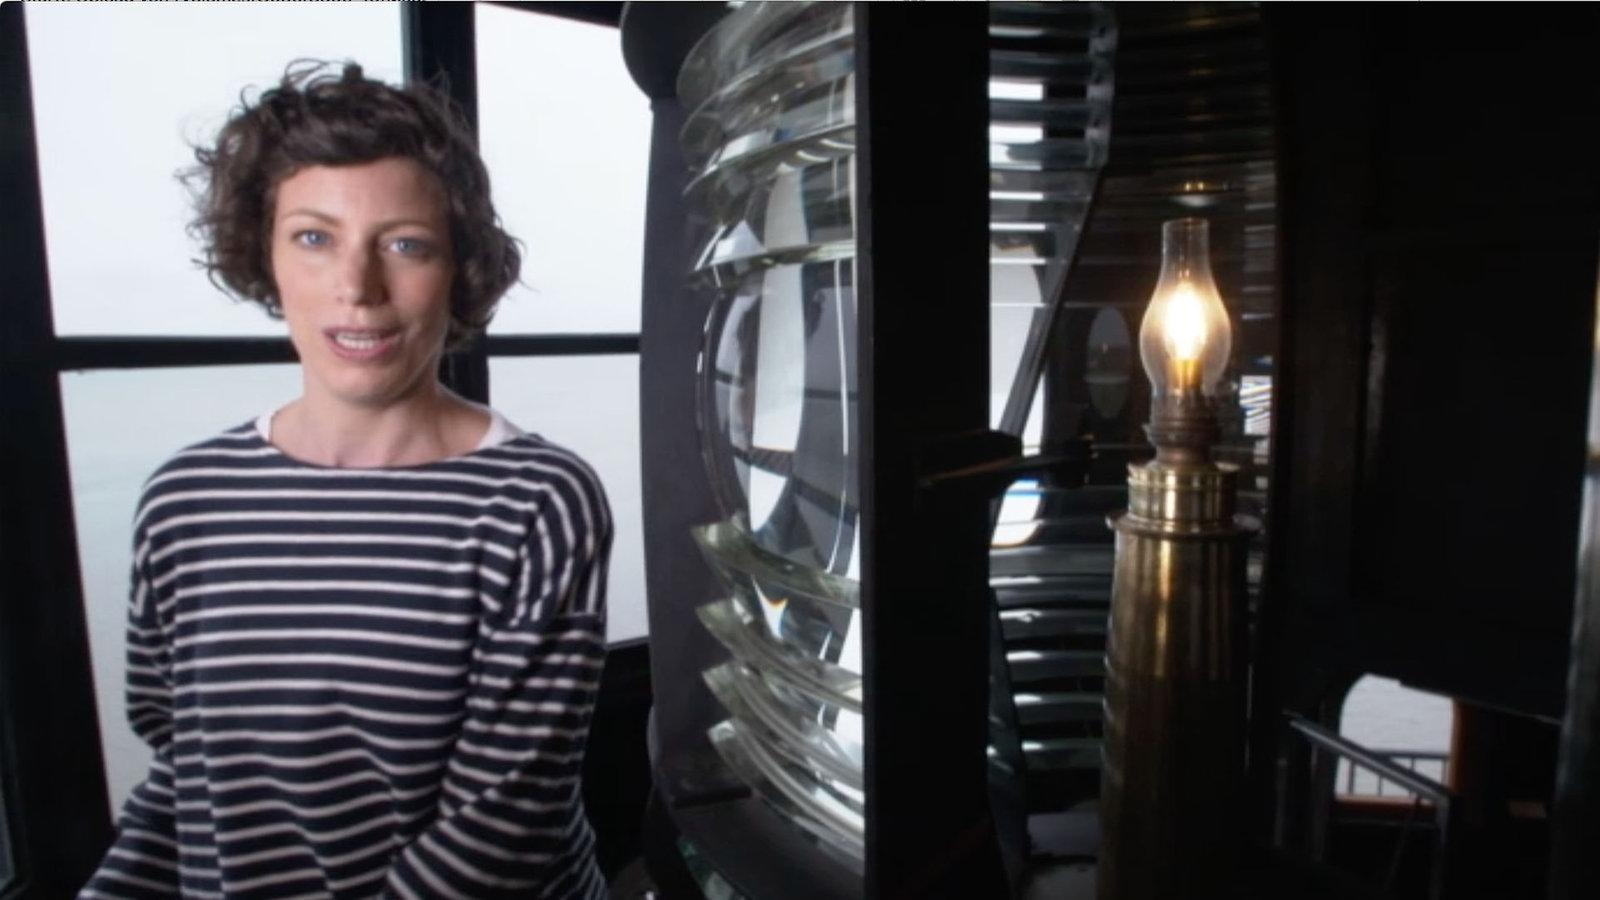 video leuchtturm t r ffner tag kinder. Black Bedroom Furniture Sets. Home Design Ideas